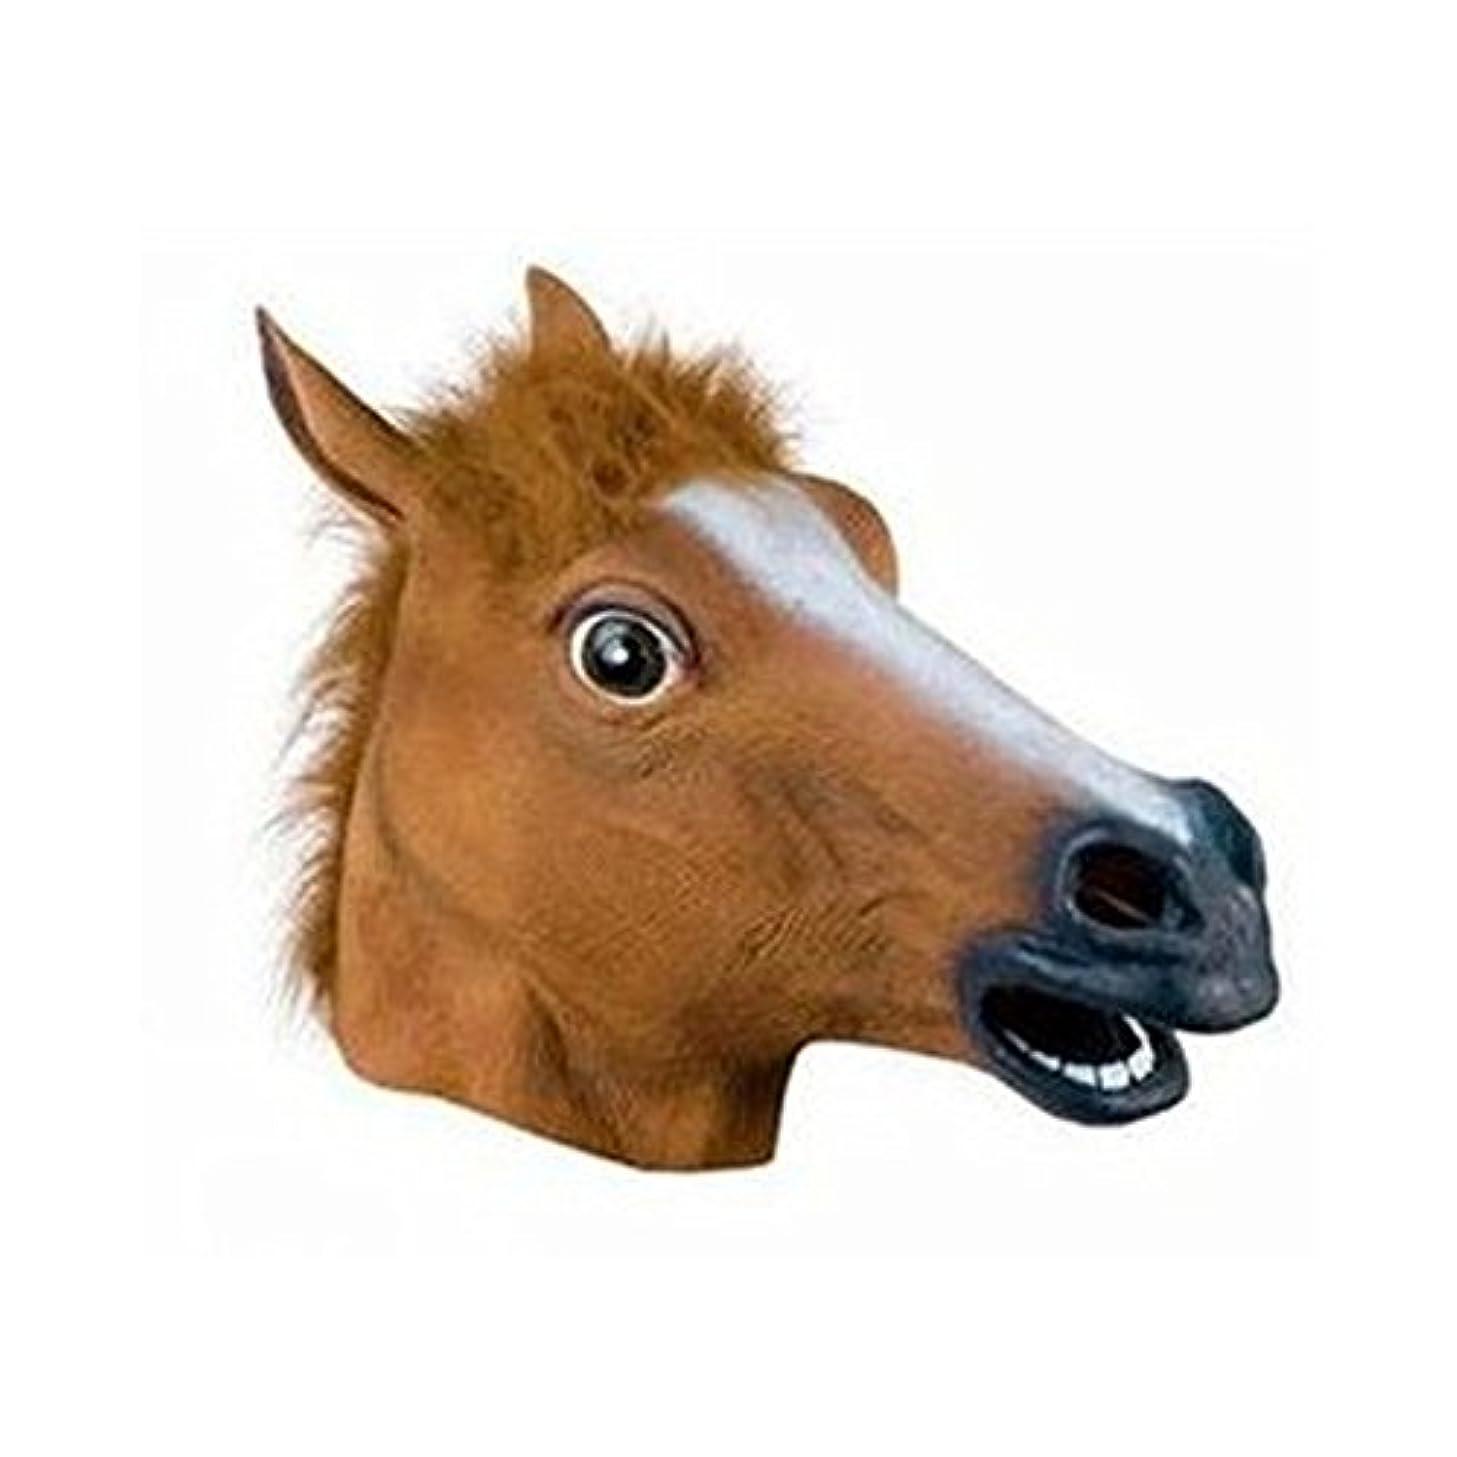 舗装する百万スチュワード犬の馬6月ハロウィーン動物のヘッドギアCOSマスク馬のヘッドマスク